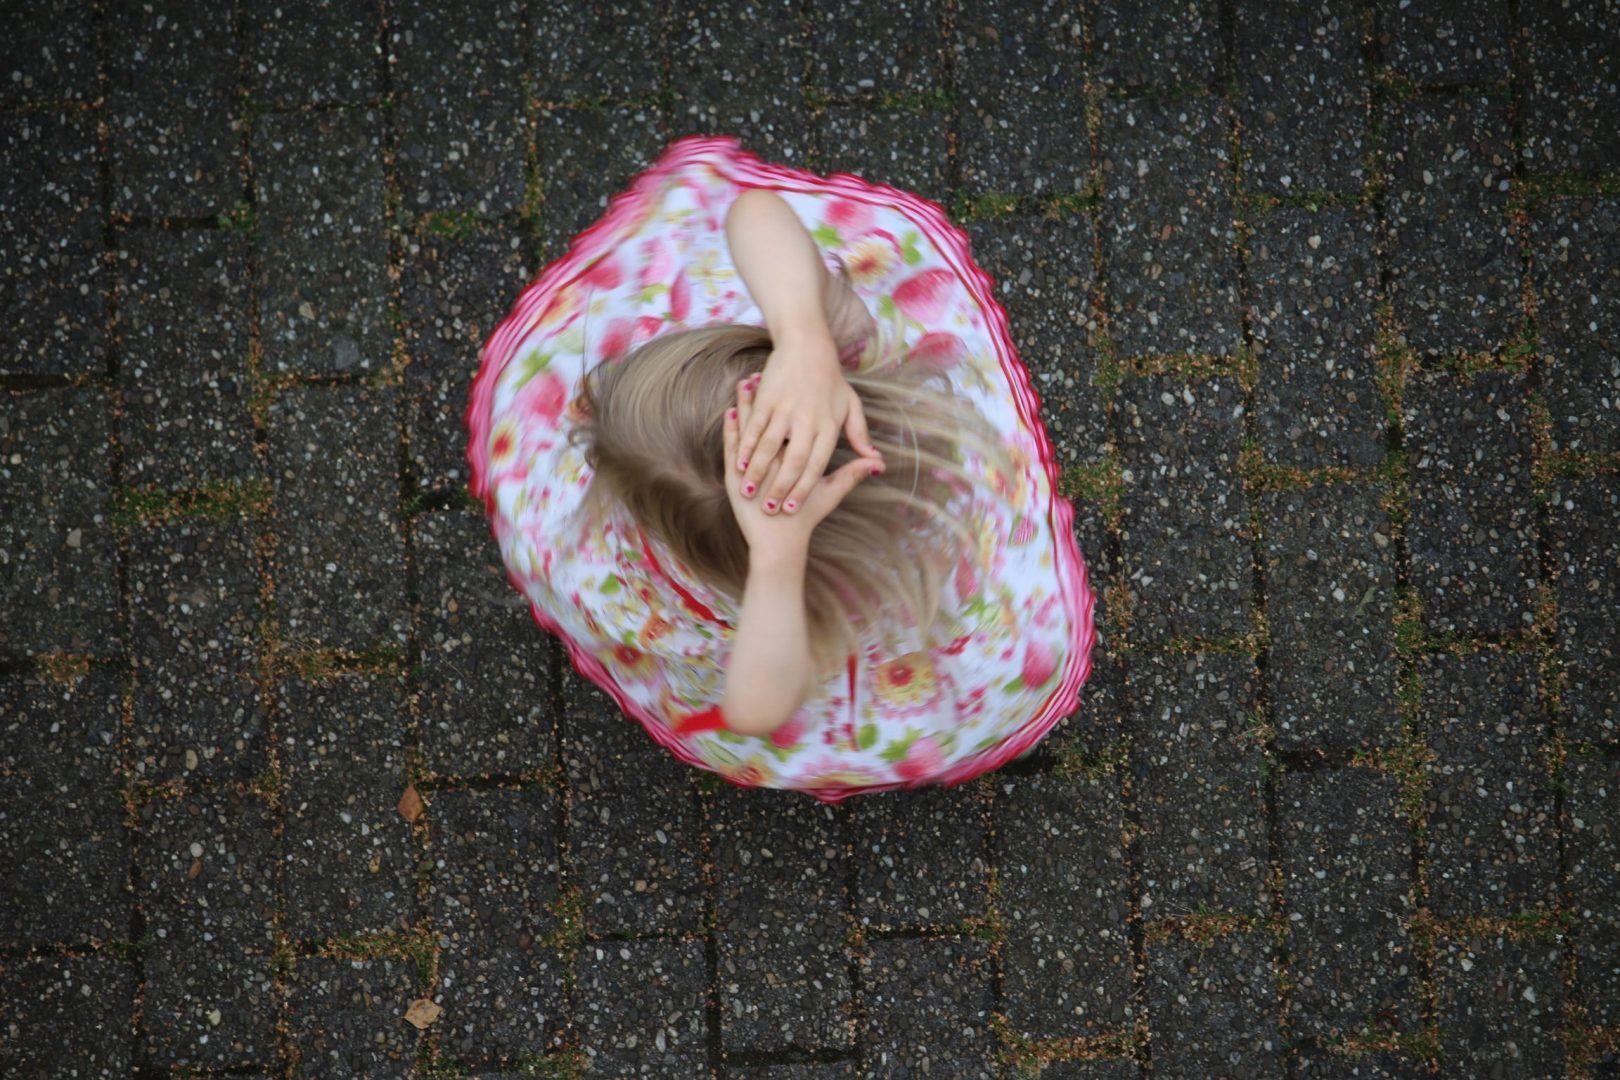 Pontos fortes: uma reflexão sobre o que fazemos melhor (e com amor)